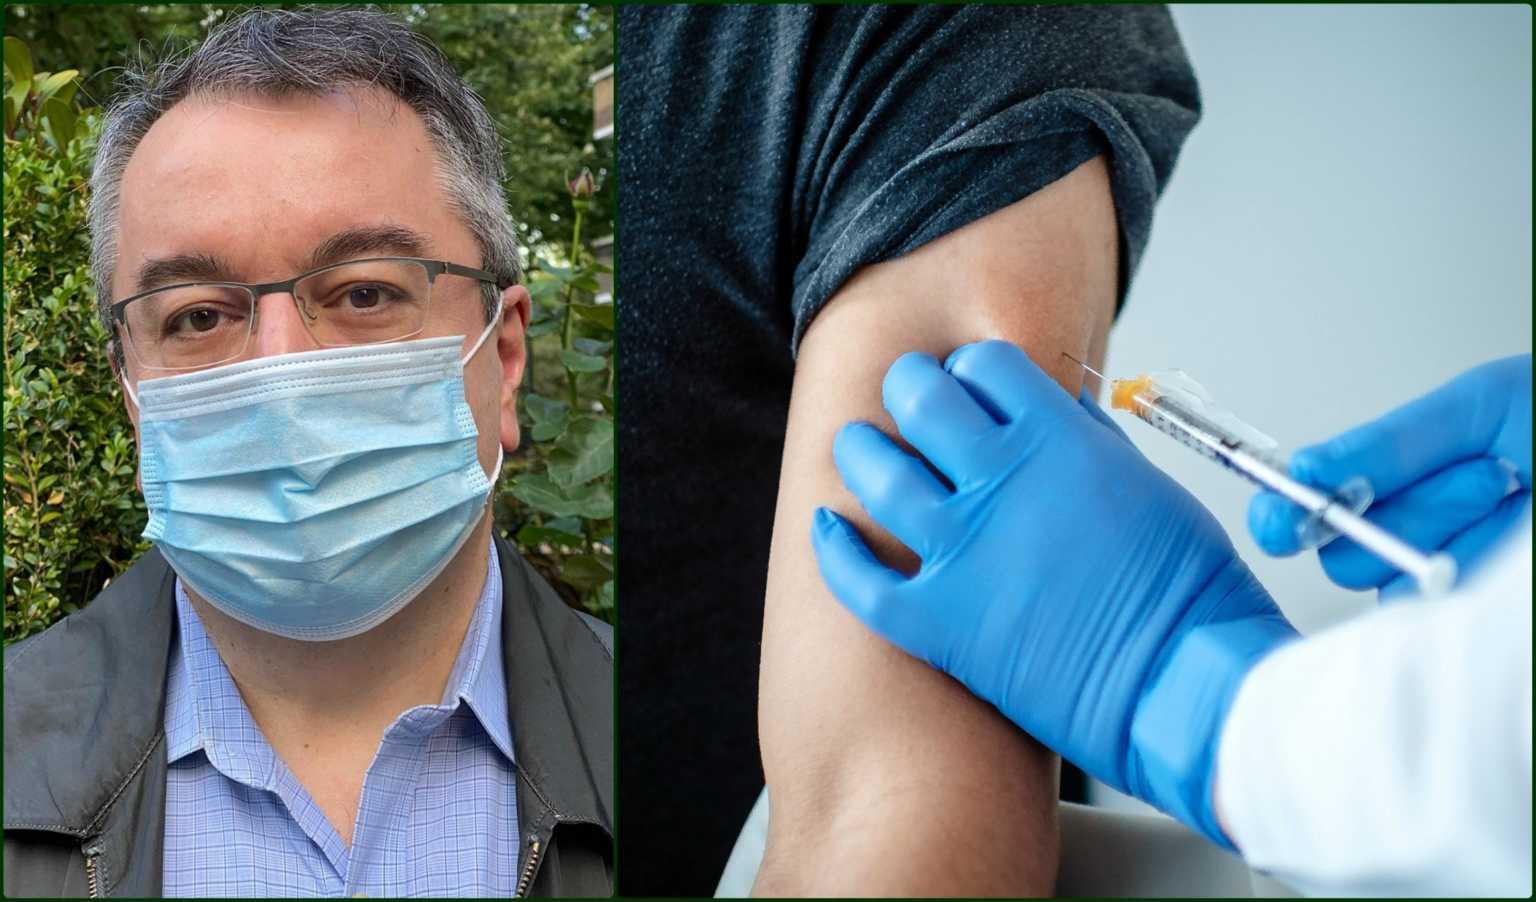 Ηλίας Μόσιαλος: «Oι αντιεμβολιαστές δεν είναι θύματα» – Τι απαντά για τα μονοκλωνικά αντισώματα